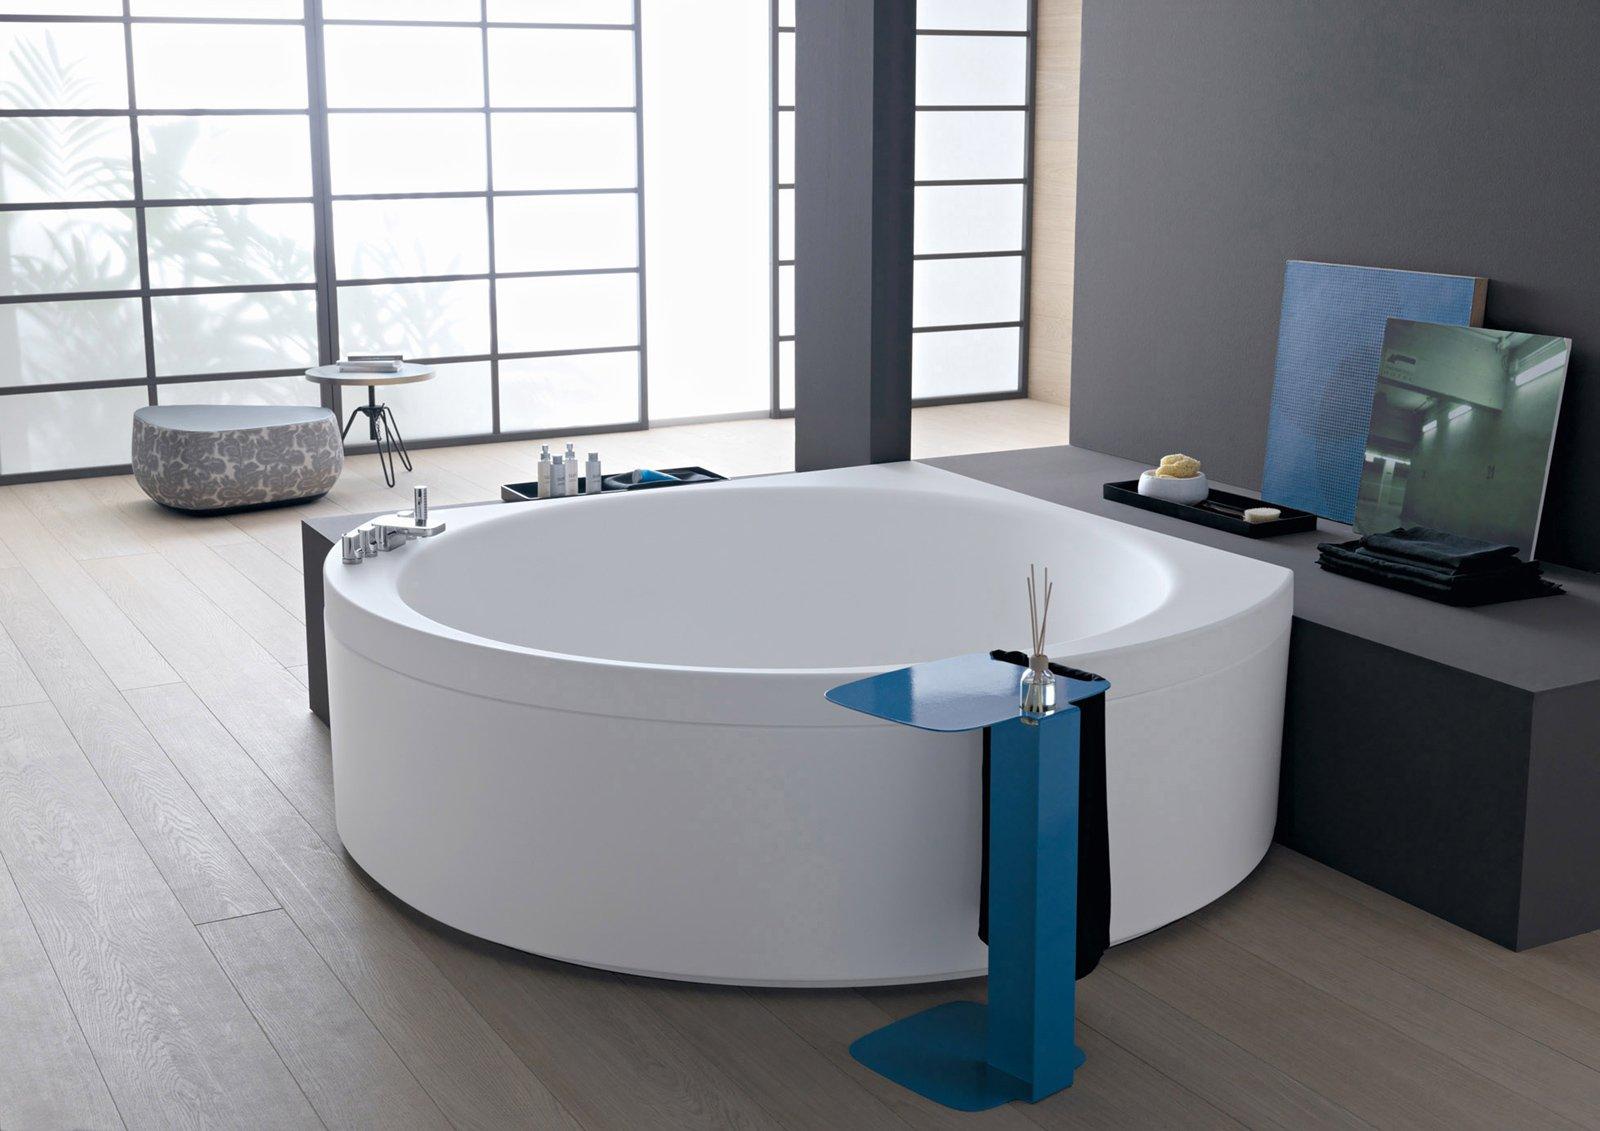 Open space soggiorno cucina progetti - Vasche da bagno esterne ...